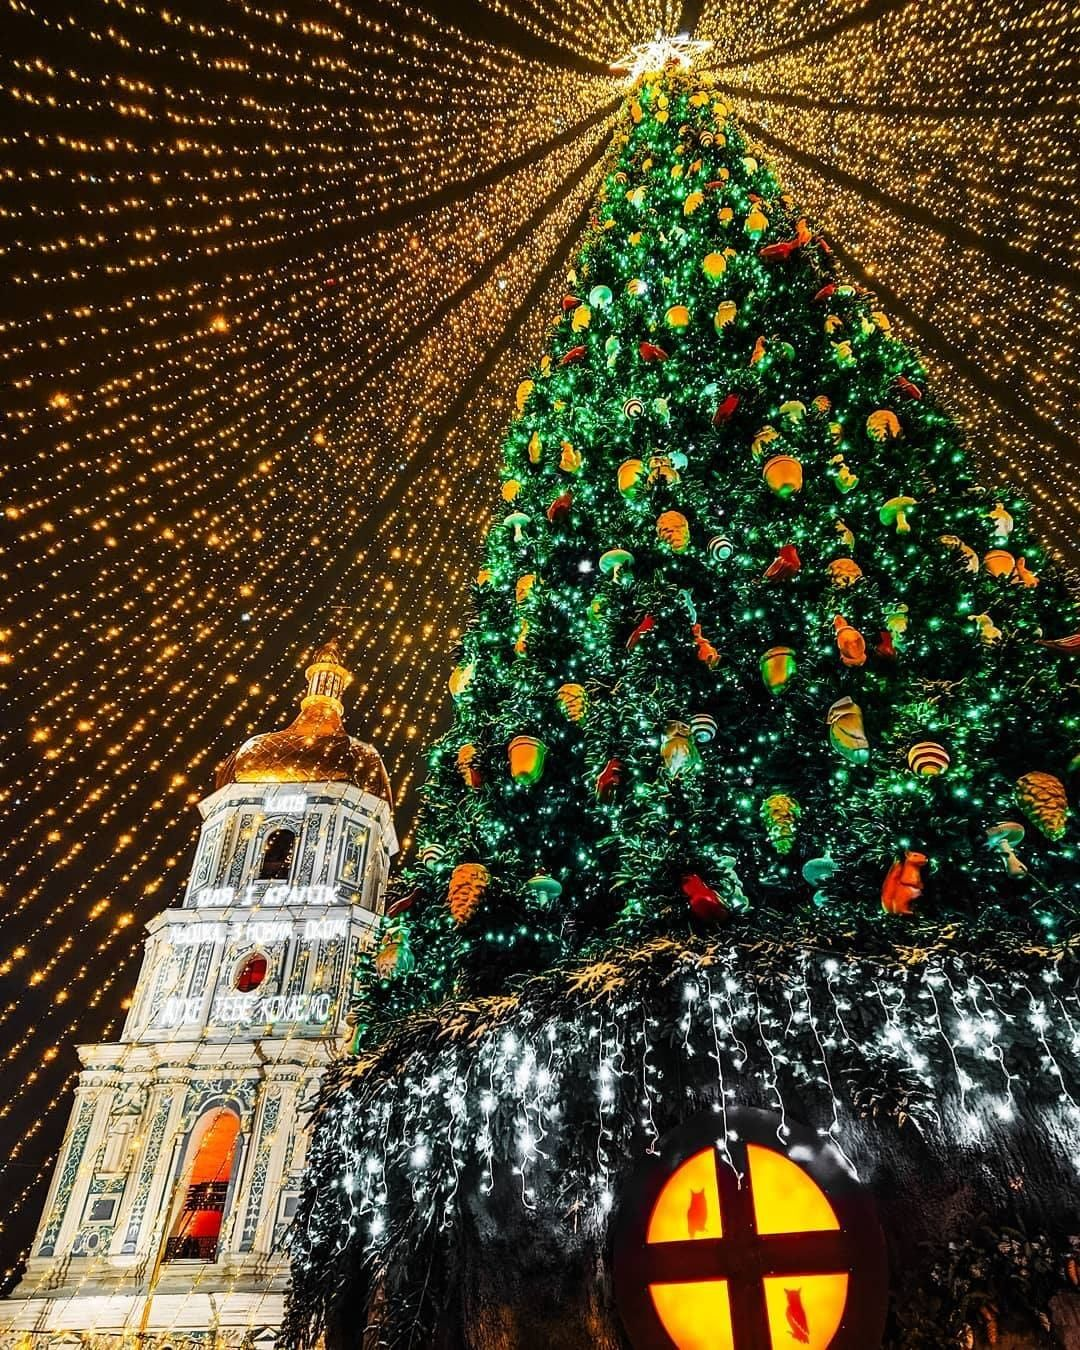 Елки, ледовые катки и гирлянды: как Киев украсили к Новому году и Рождеству